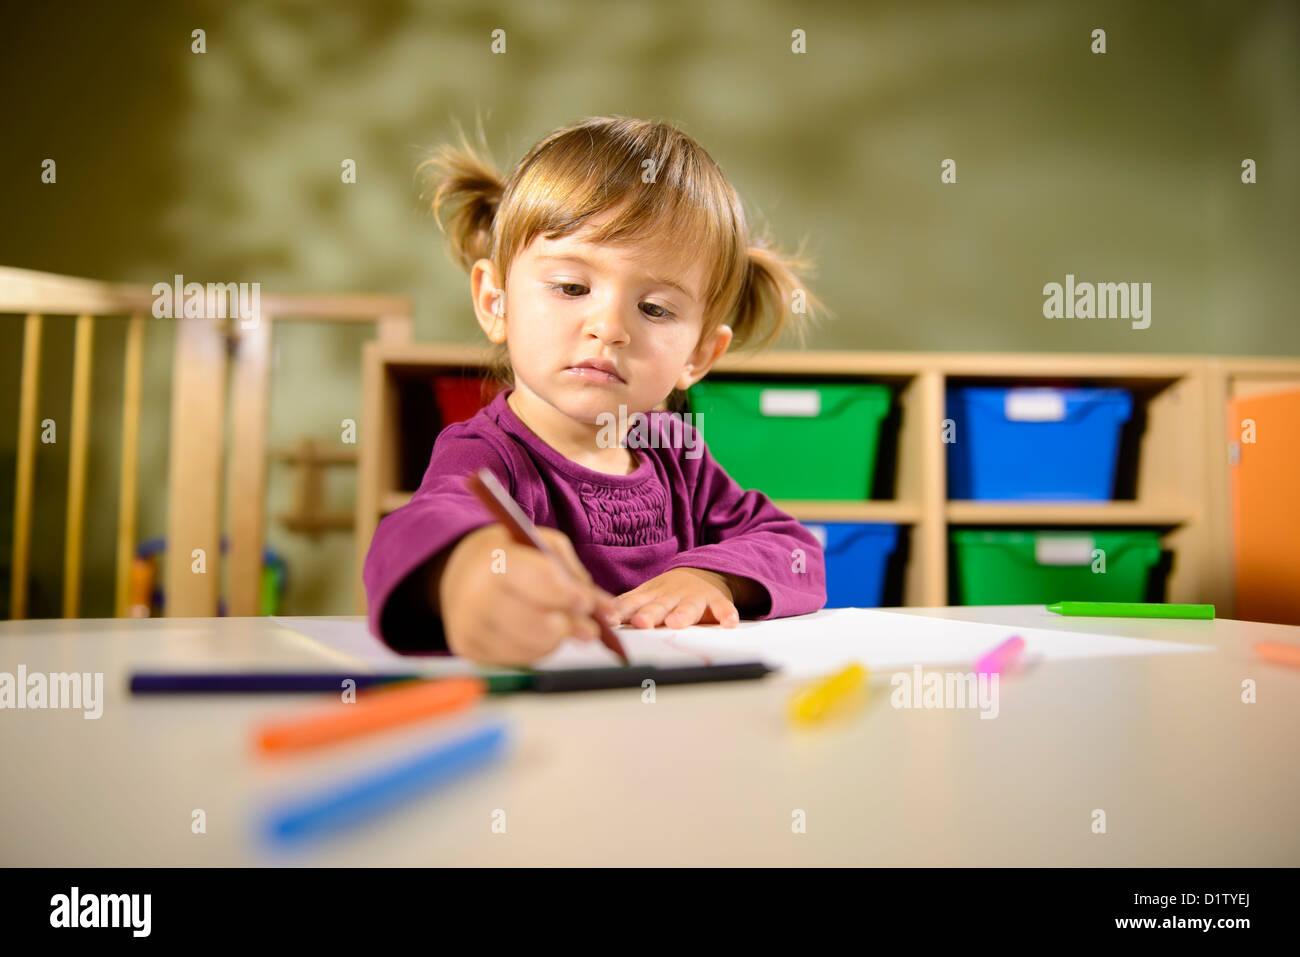 Petite fille s'amusant à l'école et le dessin avec des couleurs dans l'école maternelle Photo Stock